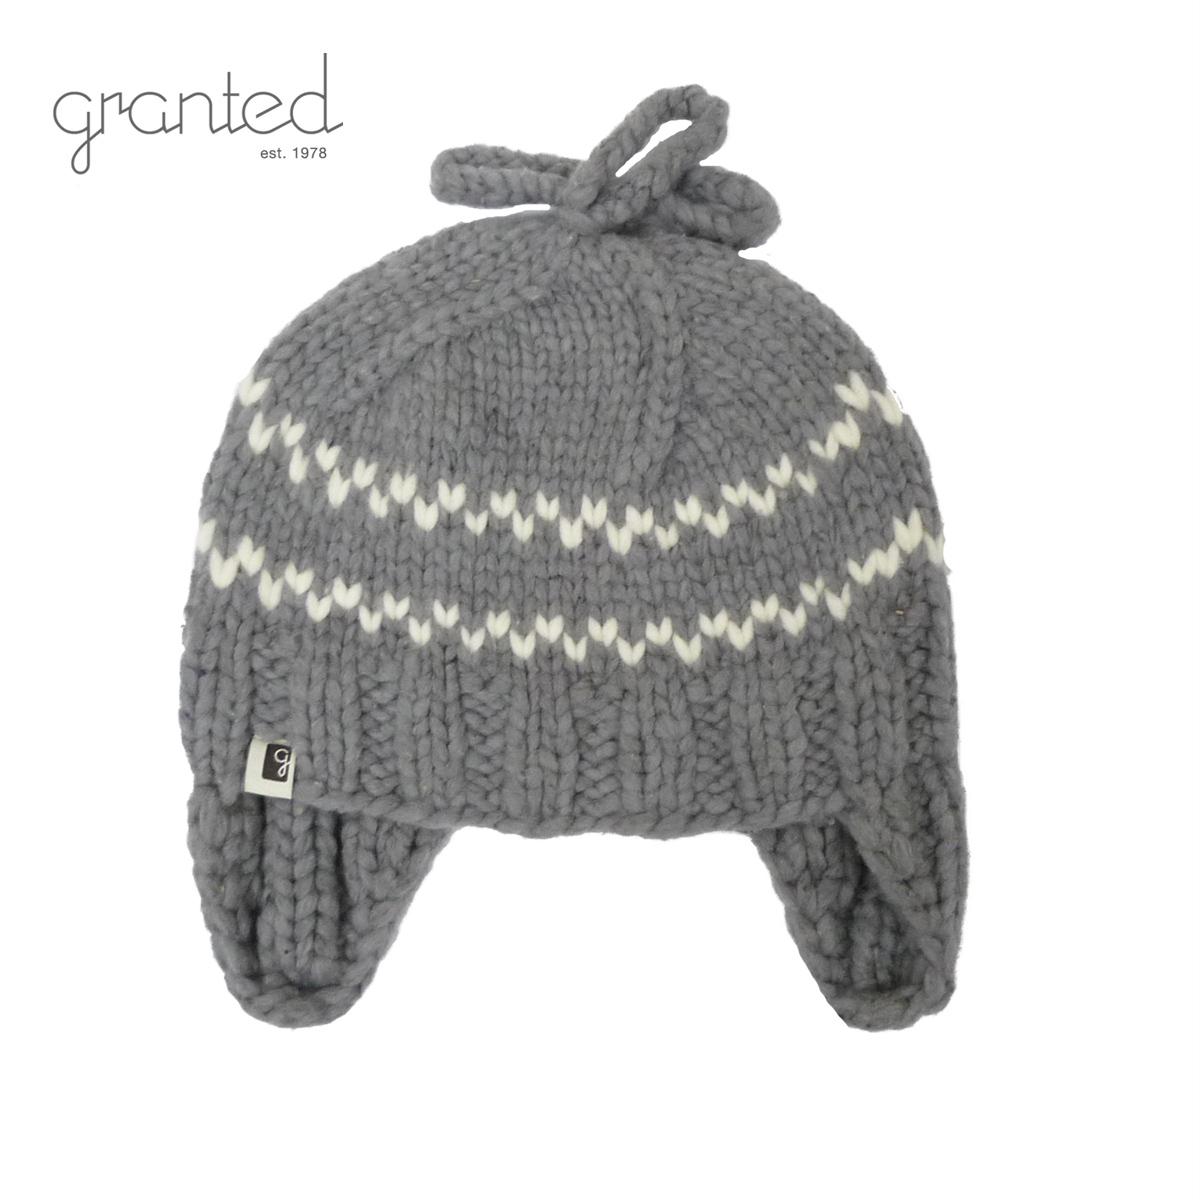 GRANTED グランテッド KNIT CAP FLAT EAR HAT メンズ/レディース グレー FREE[ニット帽 ウールキャップ キャップ 帽子 耳あて ウール ニット カナダ製 ブランド アメカジ アウトドア 灰色]